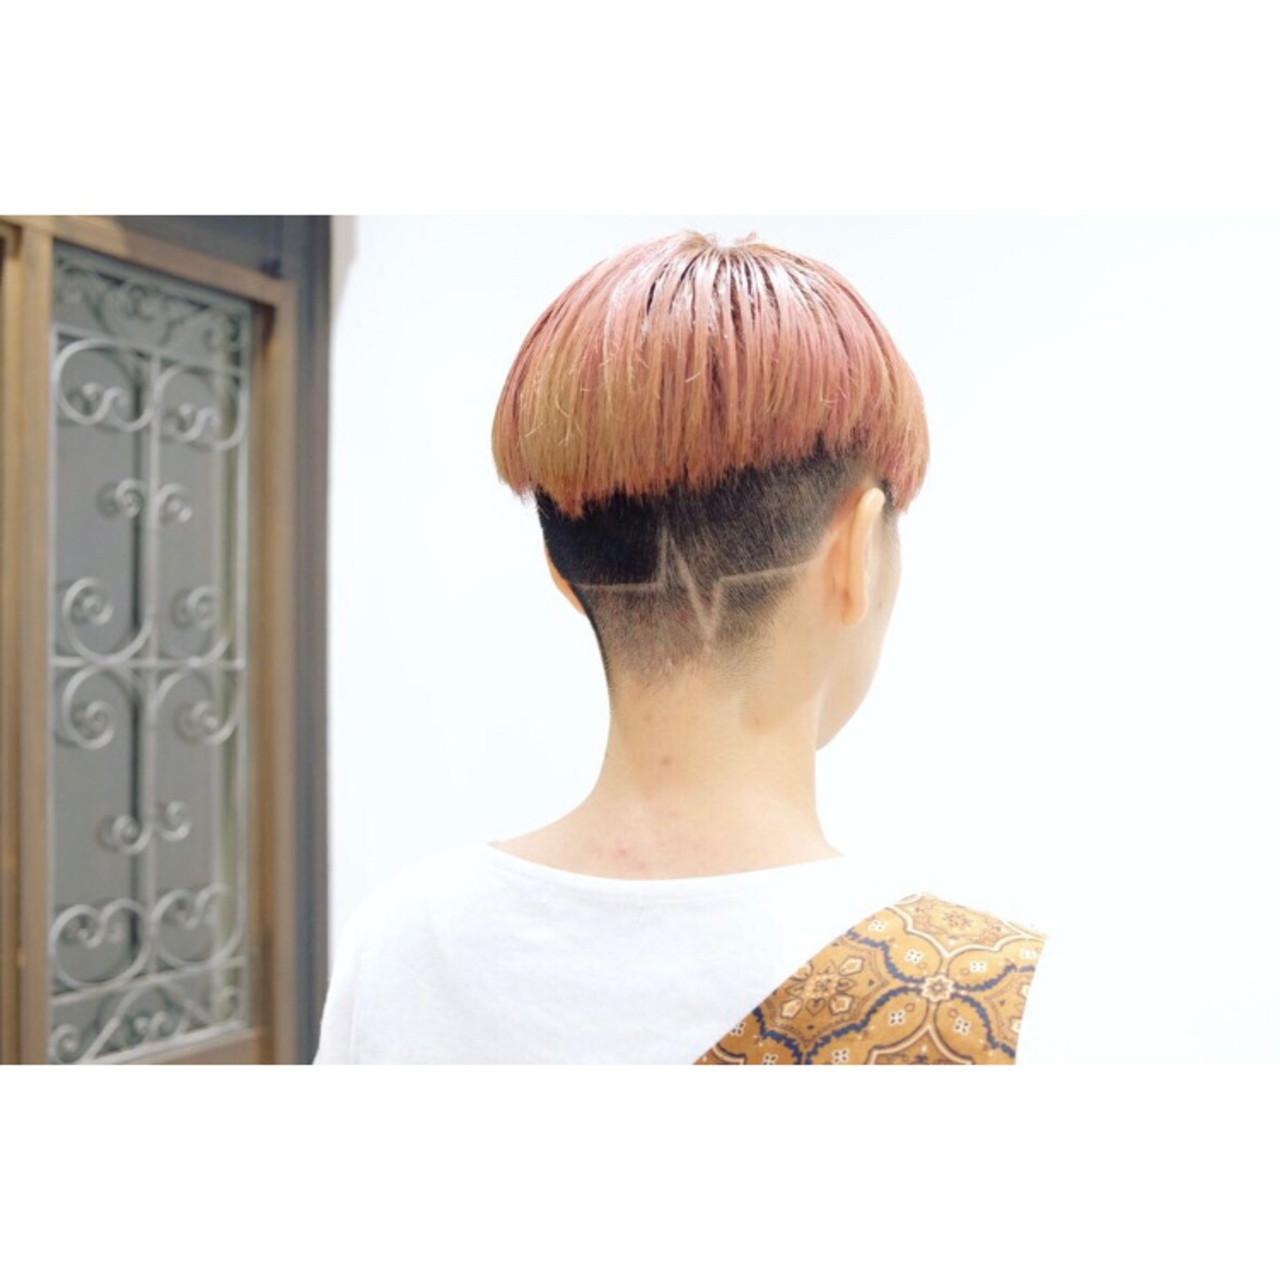 ショート 刈り上げ女子 ハイトーンカラー ブリーチ ヘアスタイルや髪型の写真・画像